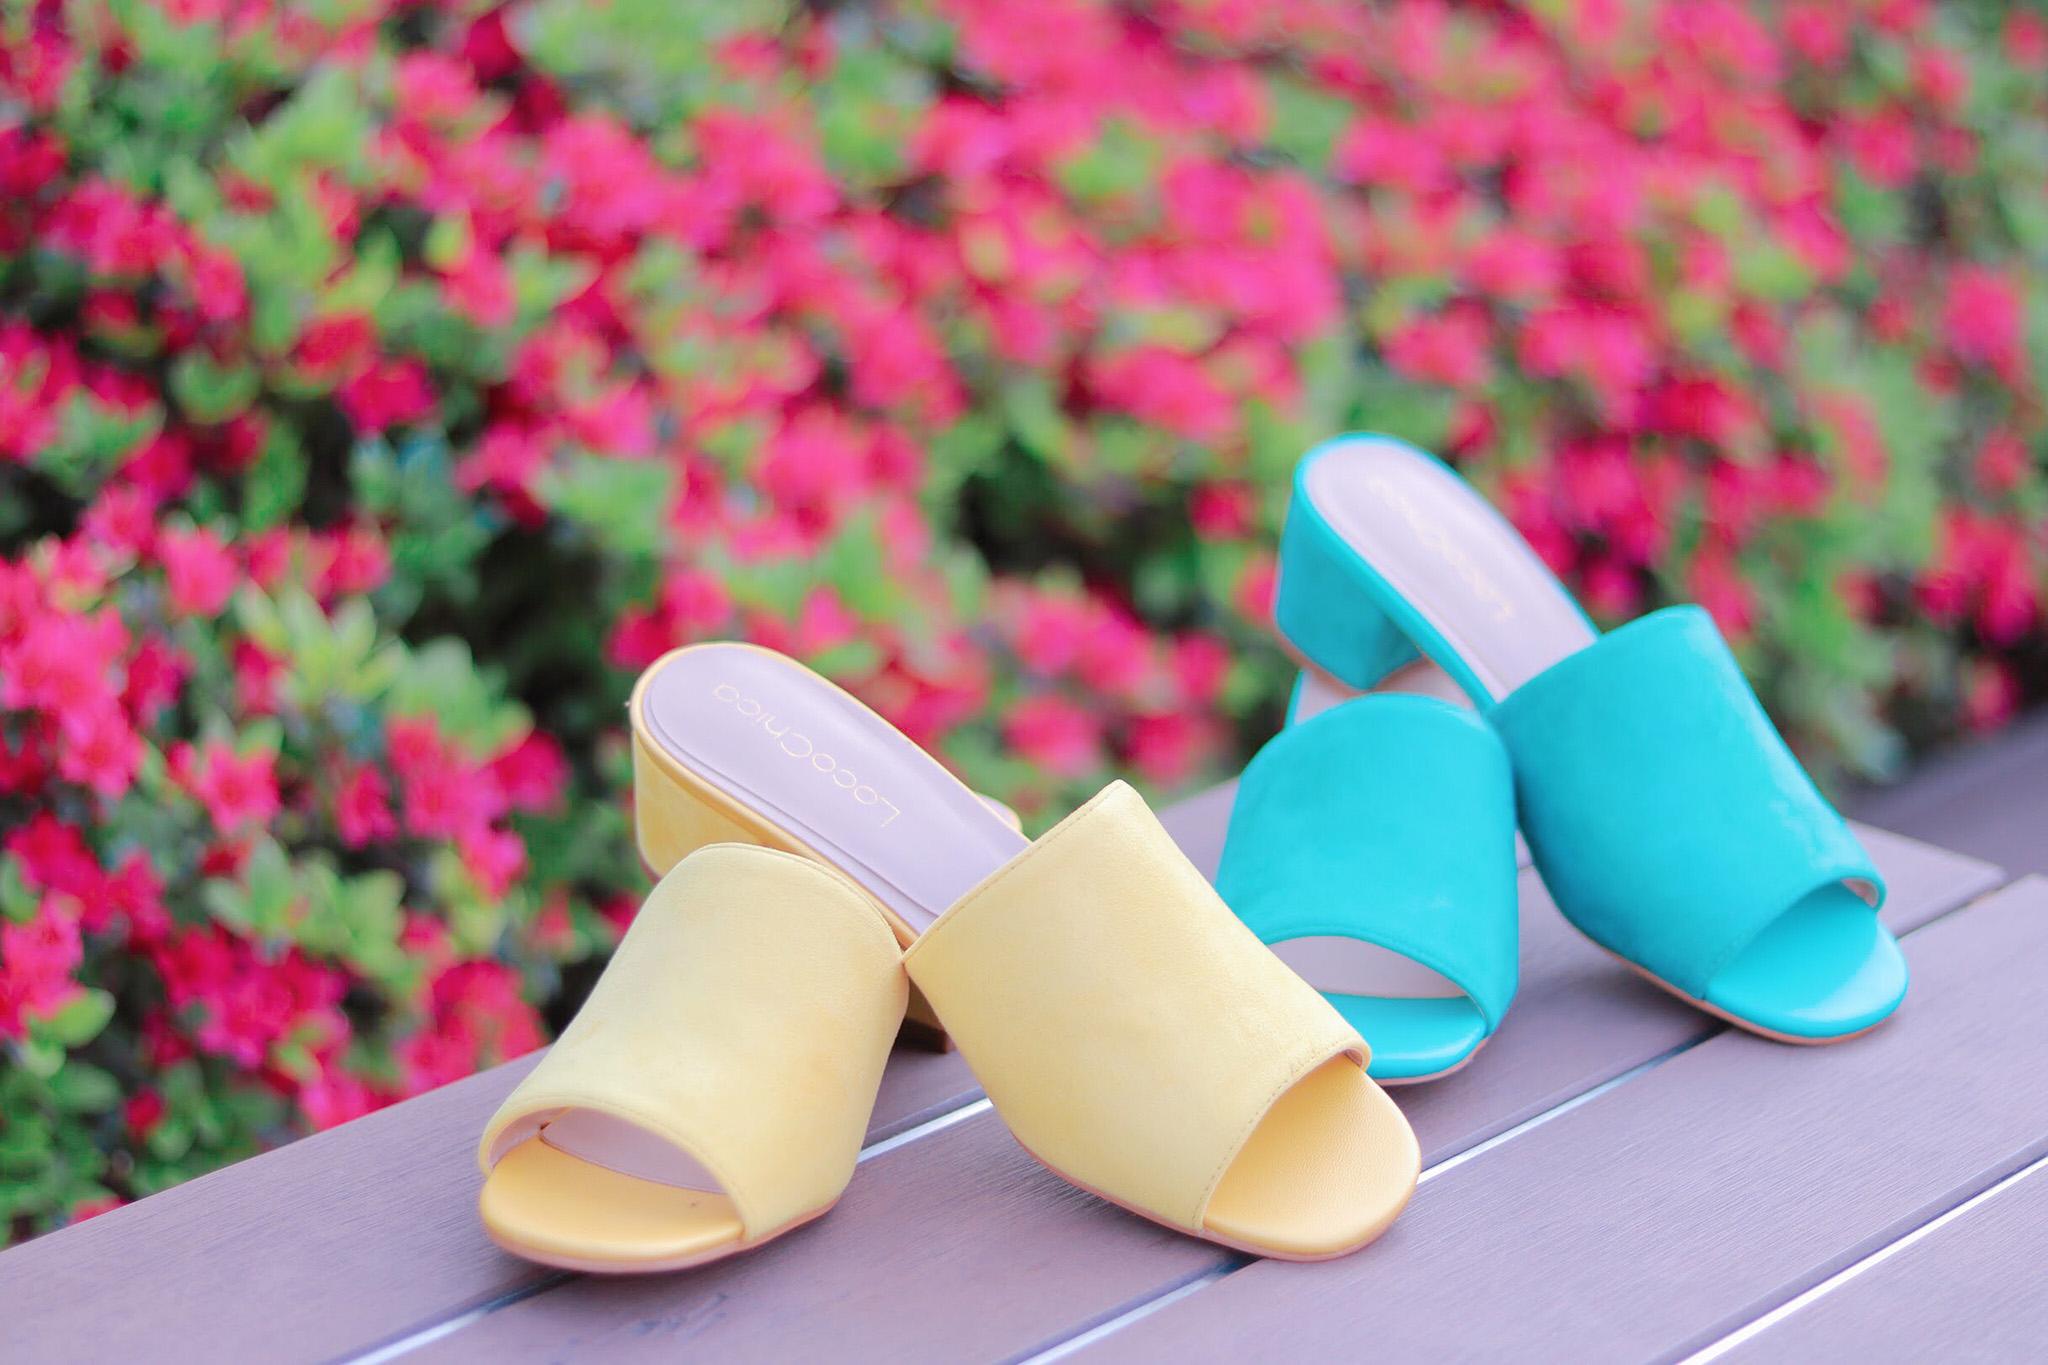 足が大きくて靴に悩む人必見!可愛くて大きいサイズの靴がある通販サイトをご紹介します!【3選】